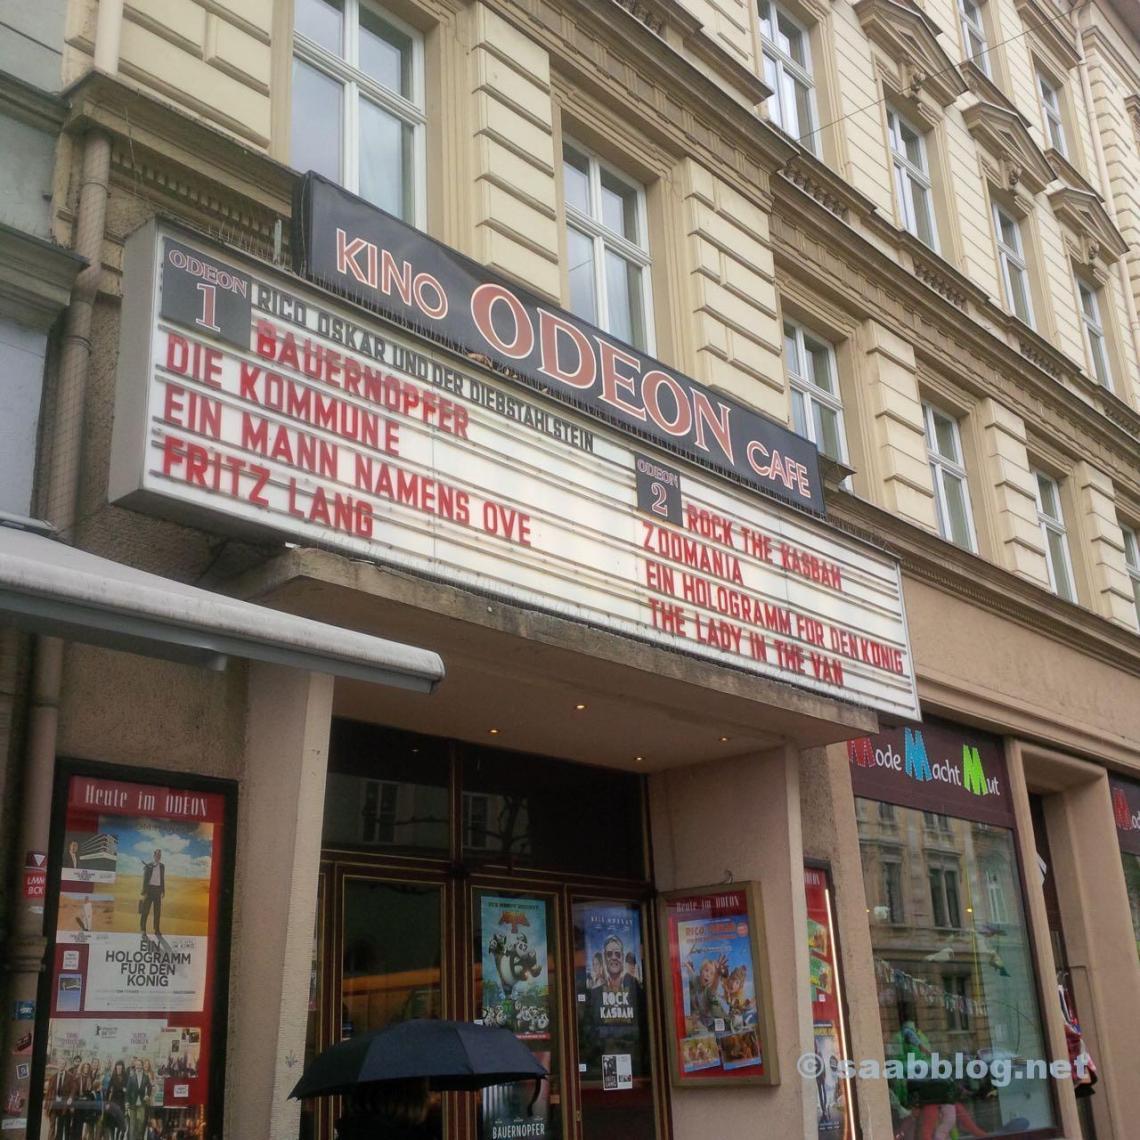 """Filmprogramm im Odeon-Kino Bamberg. Da fährt man nach Bamberg, um einen SAAB abzuholen, und welcher Film läuft? Richtig... """"Ein Mann namens Ove"""". Leider erst im Abendprogramm."""